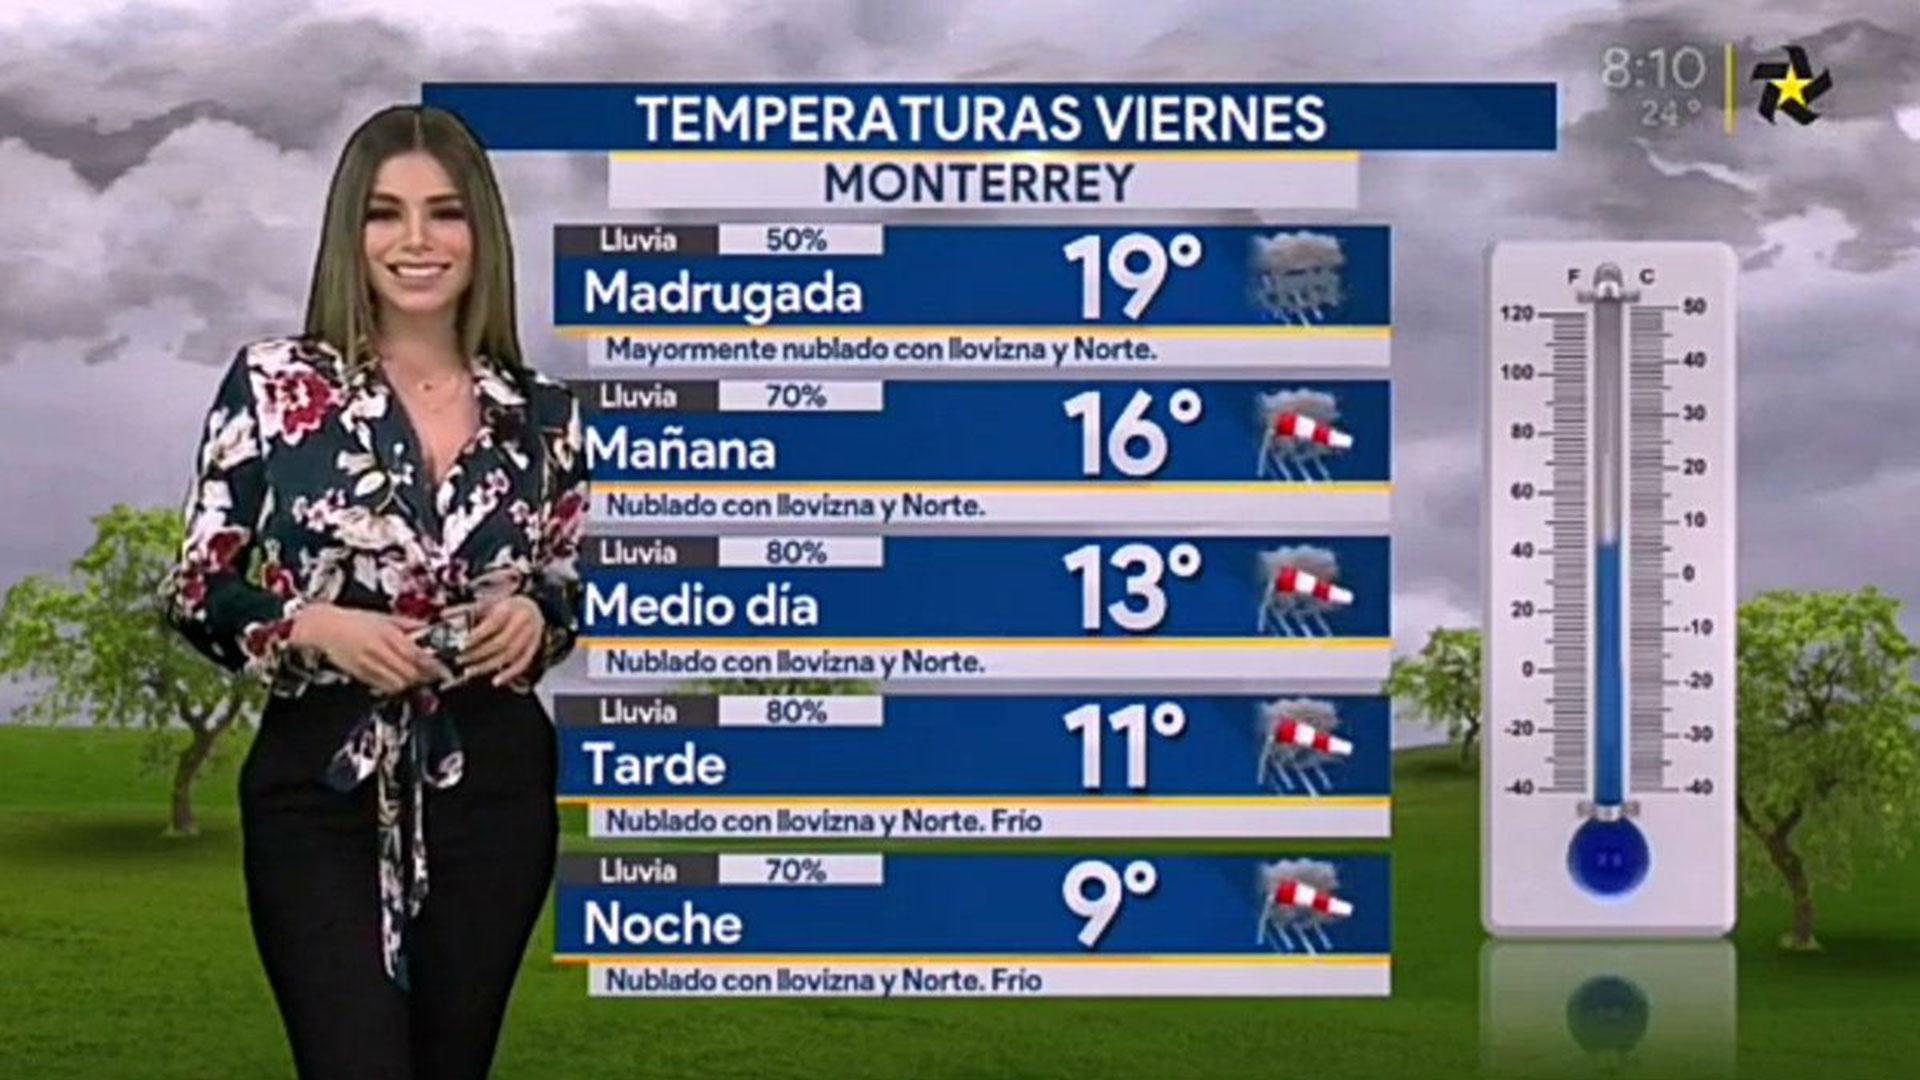 Pamela Longoria trabaja como presentadora del clima en la cadena mexicana Multimedios, que recientemente inició transmisiones a nivel nacional. (Foto: Multimedios)